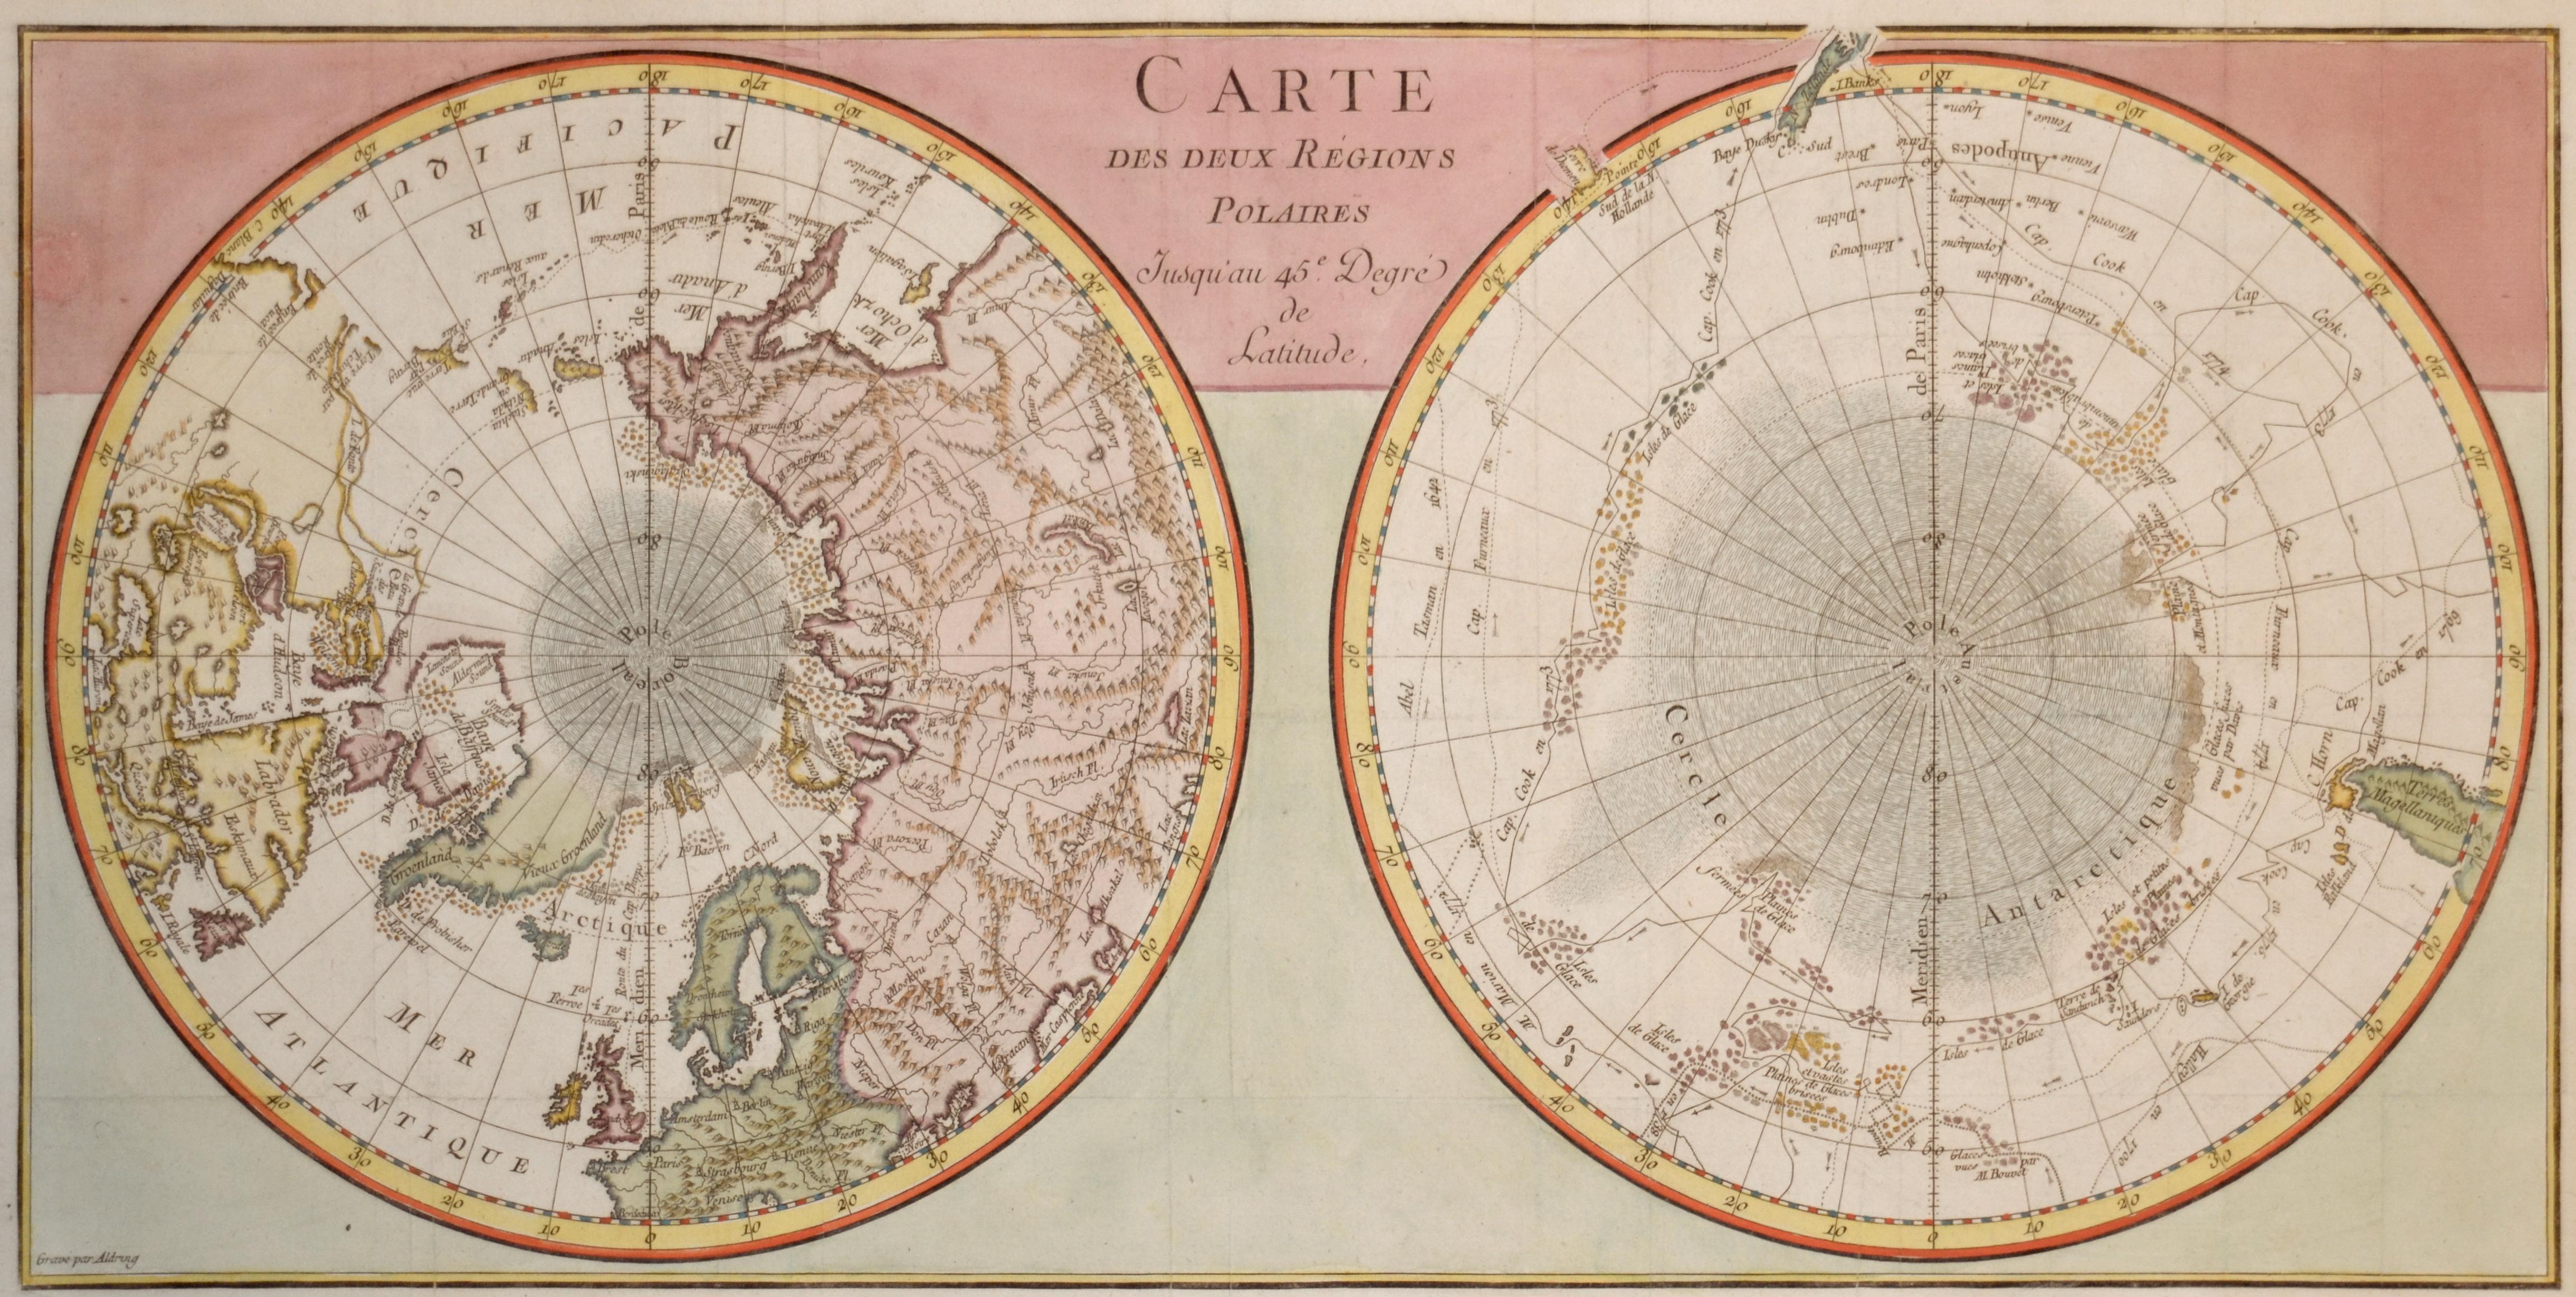 Aldring  Carte des deux Régions Polaires Jusquiau 45e. Degré de Latitude.